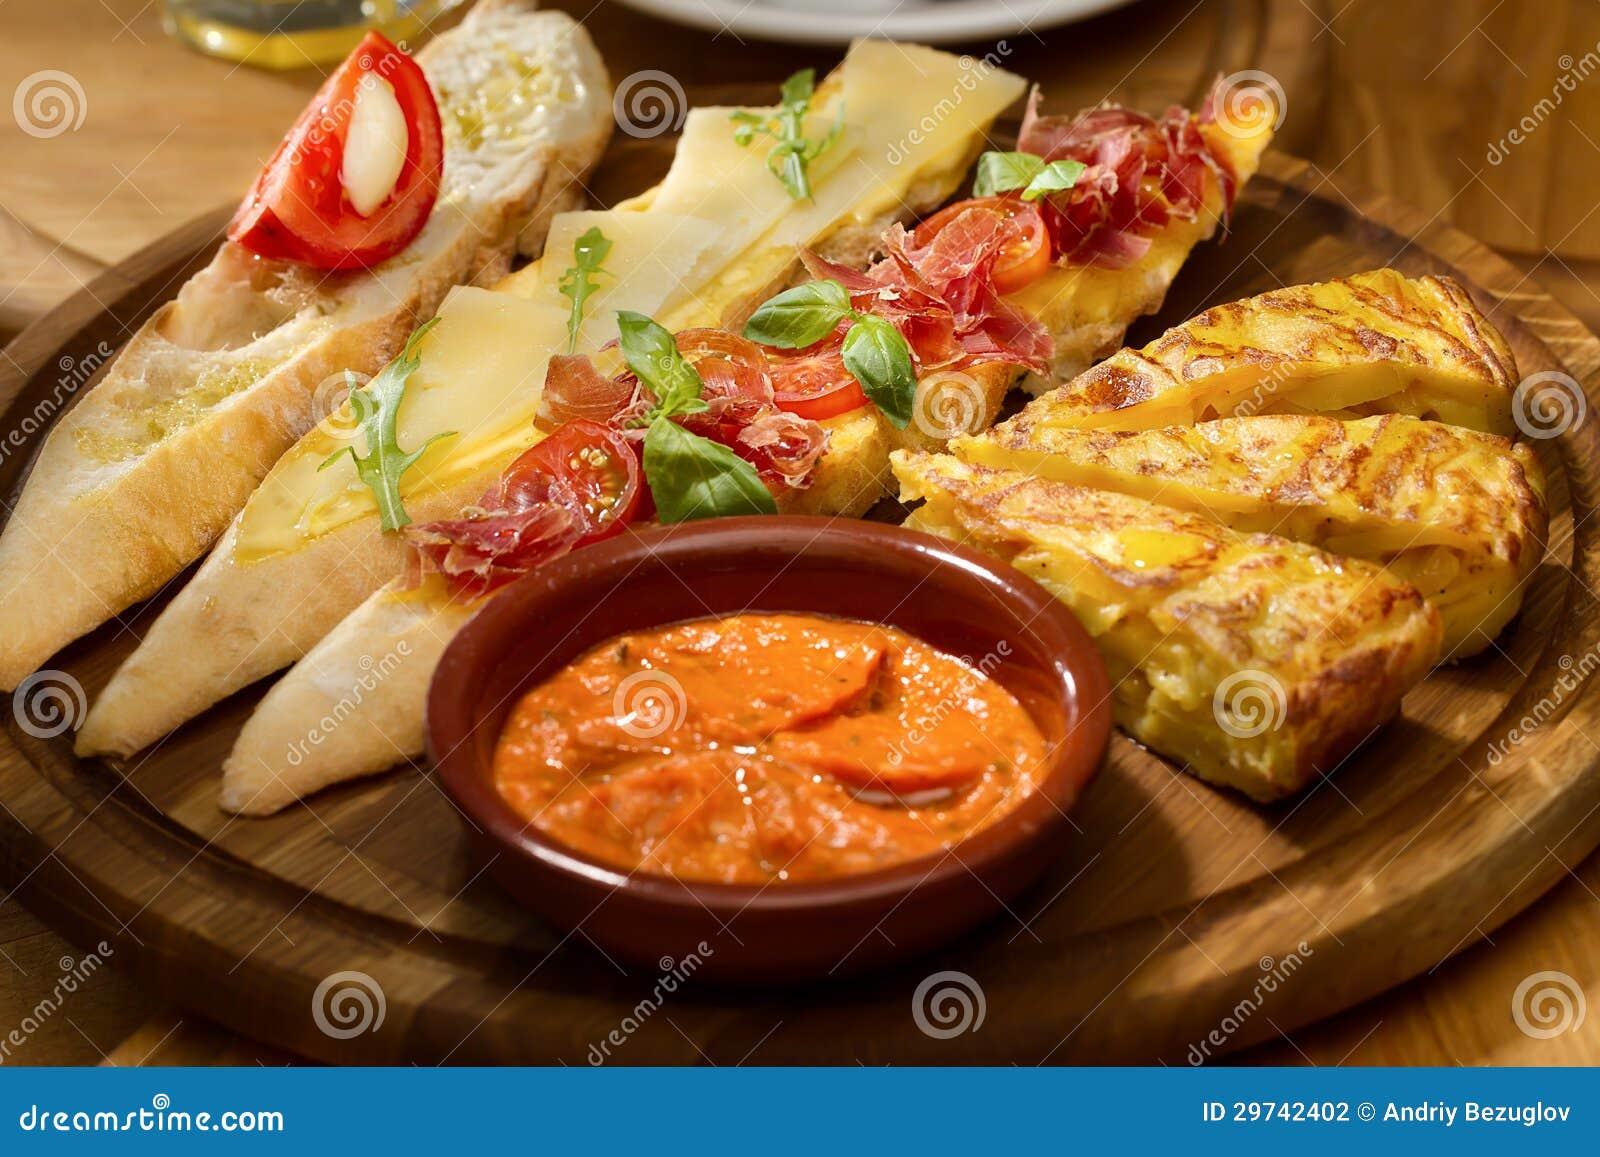 Prima colazione tradizionale spagnola fotografia stock for Cucina spagnola